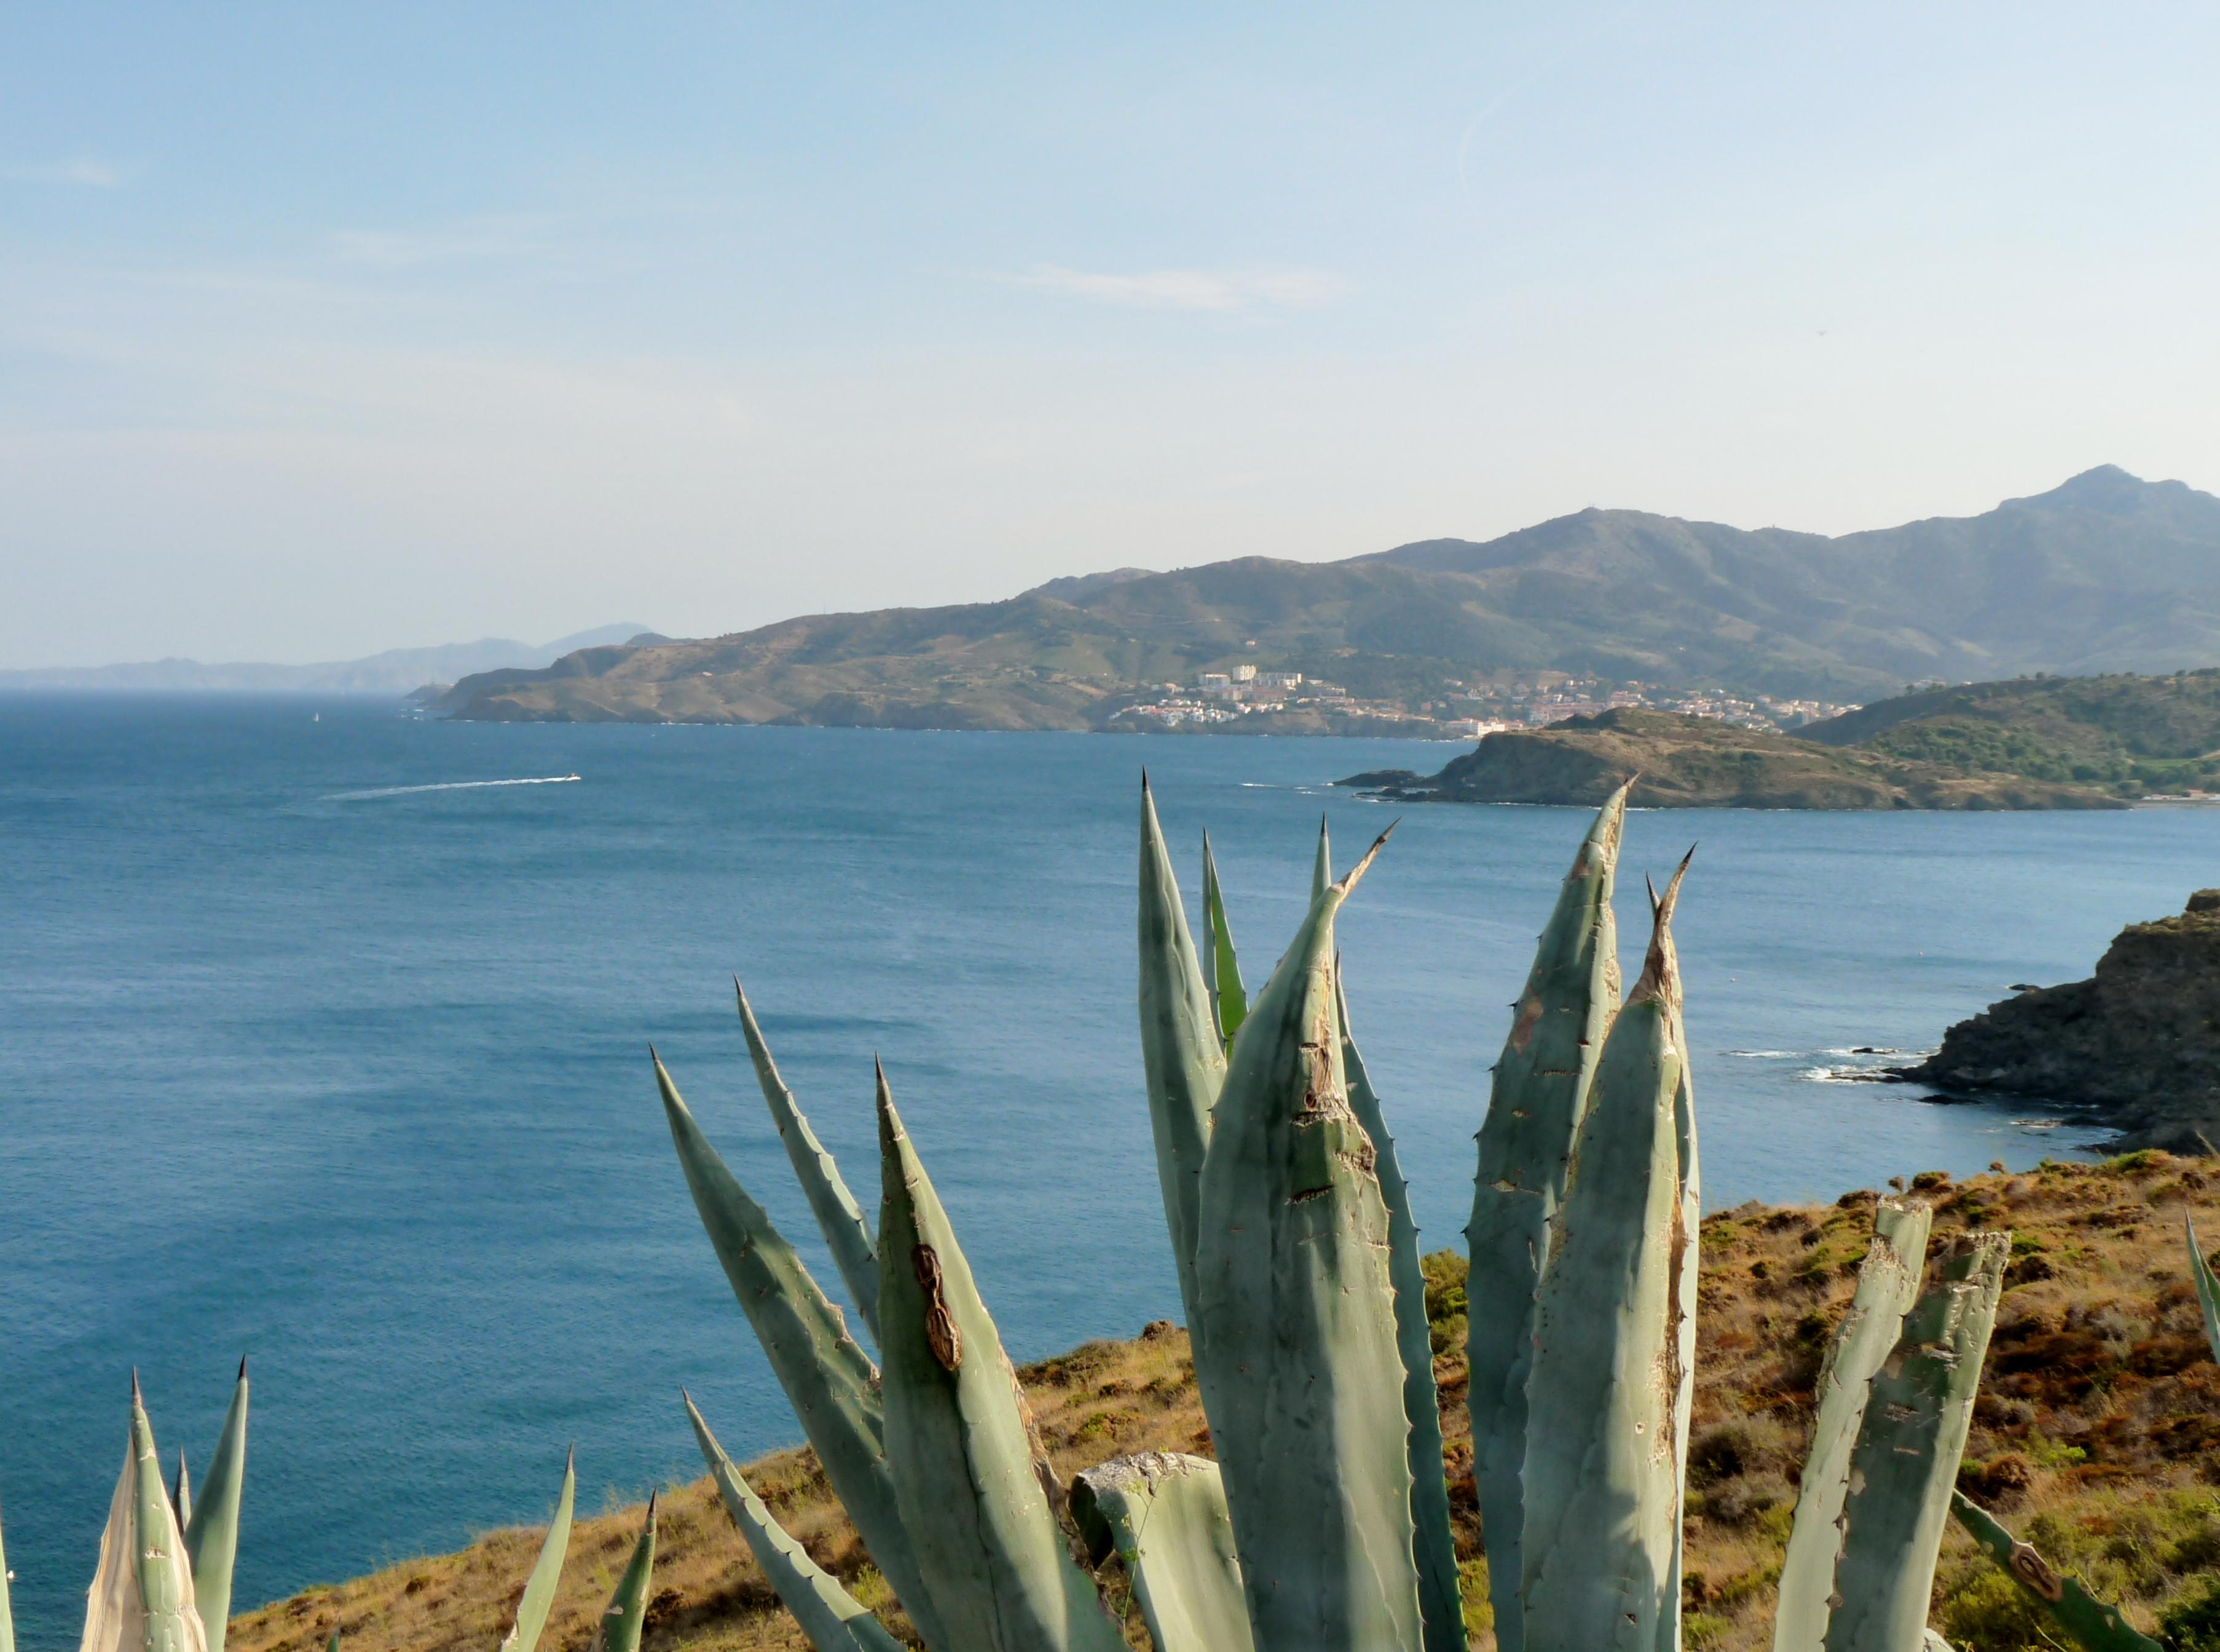 Vue de Banyuls sur mer